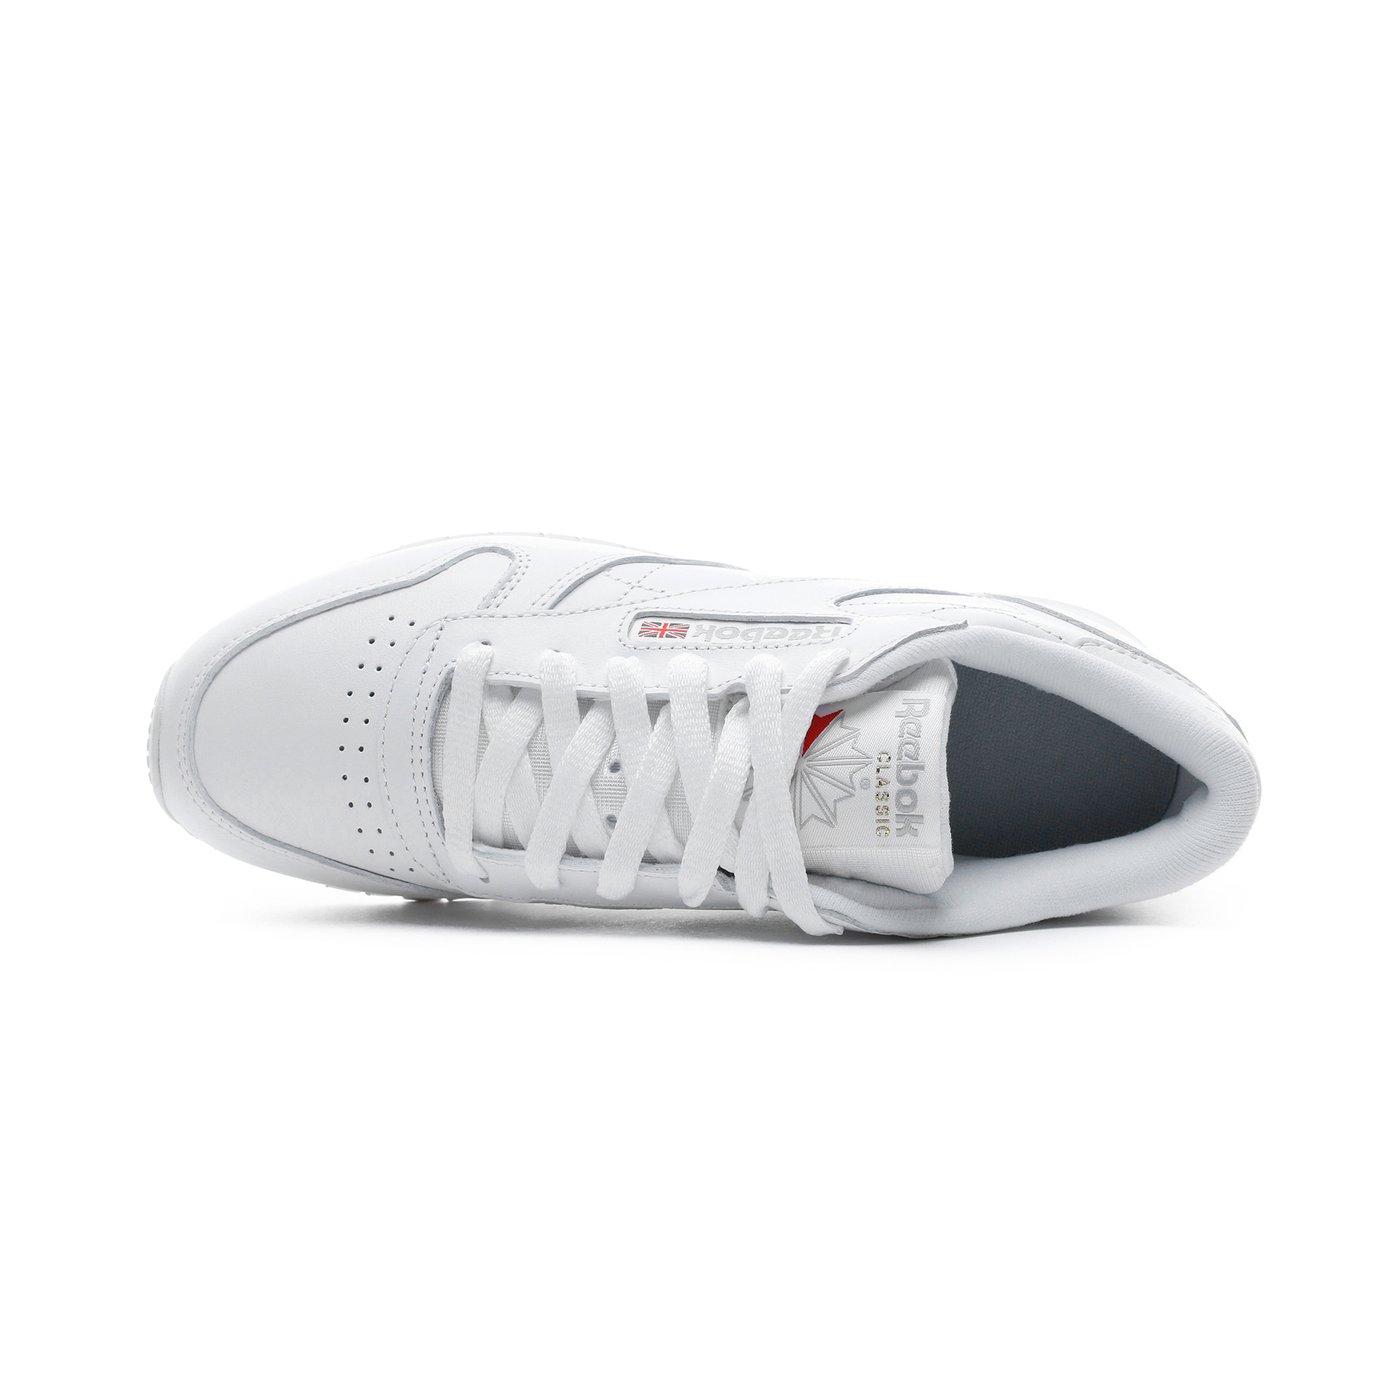 Жіночі кросівки Reebok CLASSIC LEATHER